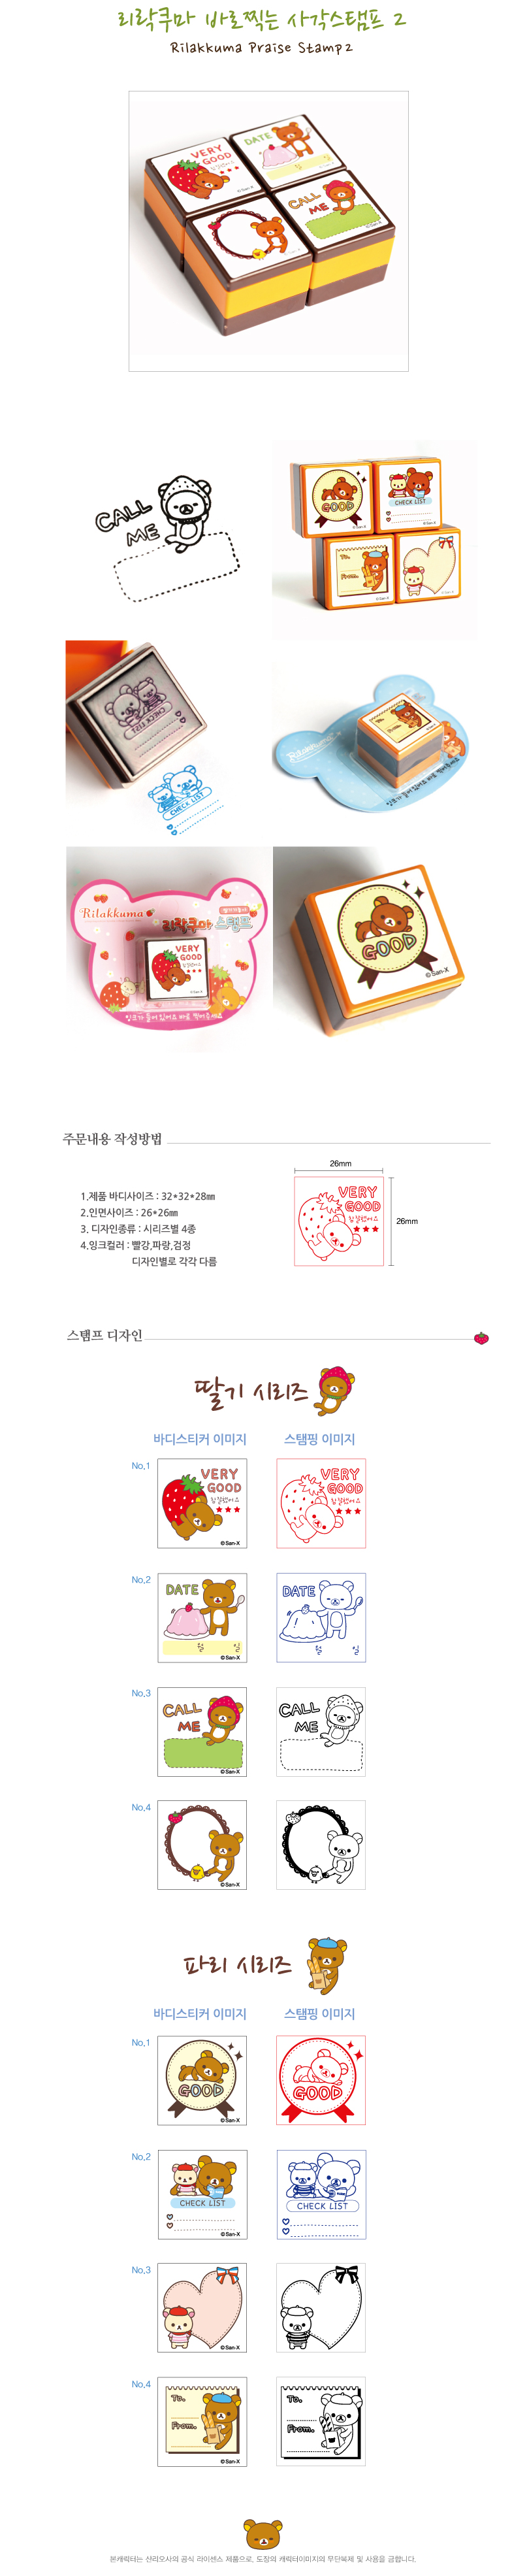 [기성]리락쿠마 바로찍는 사각스탬프2-딸기와 파리시리즈 - 디자인아지트, 4,000원, 스탬프, 잉크내장스탬프